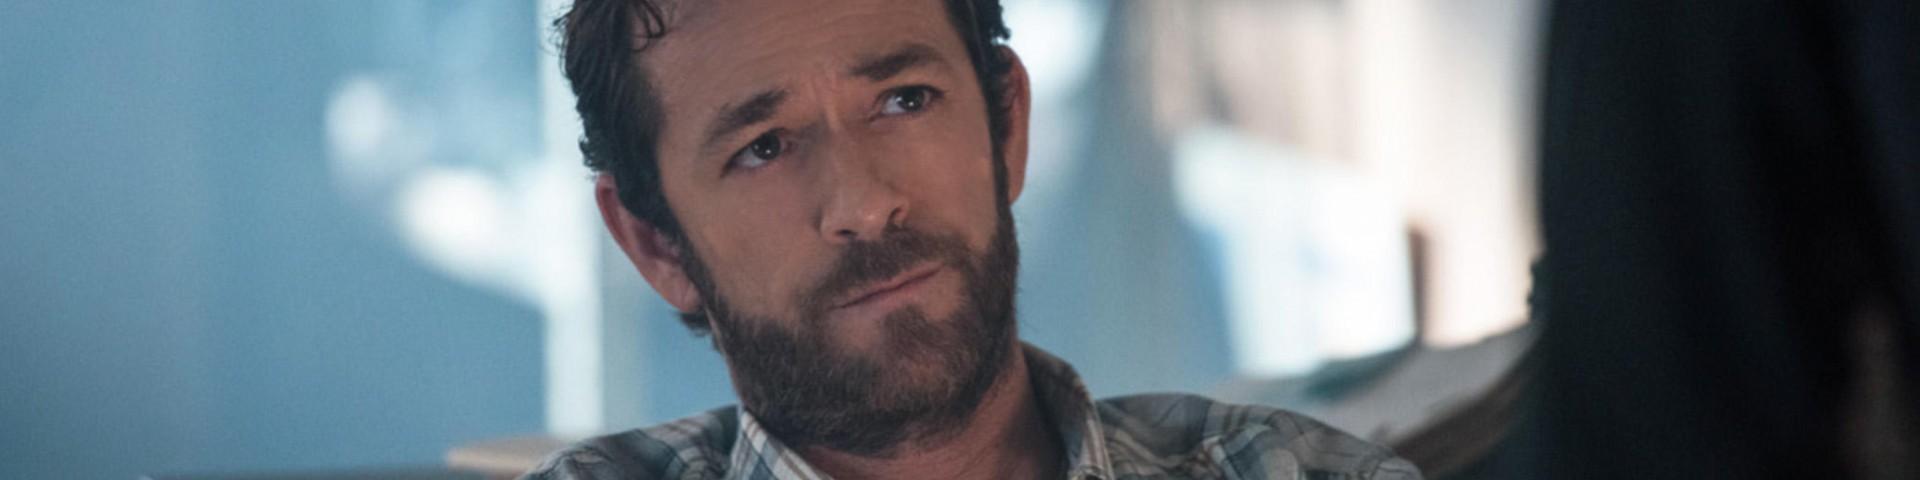 Addio a Luke Perry: l'attore è morto in seguito all'ictus